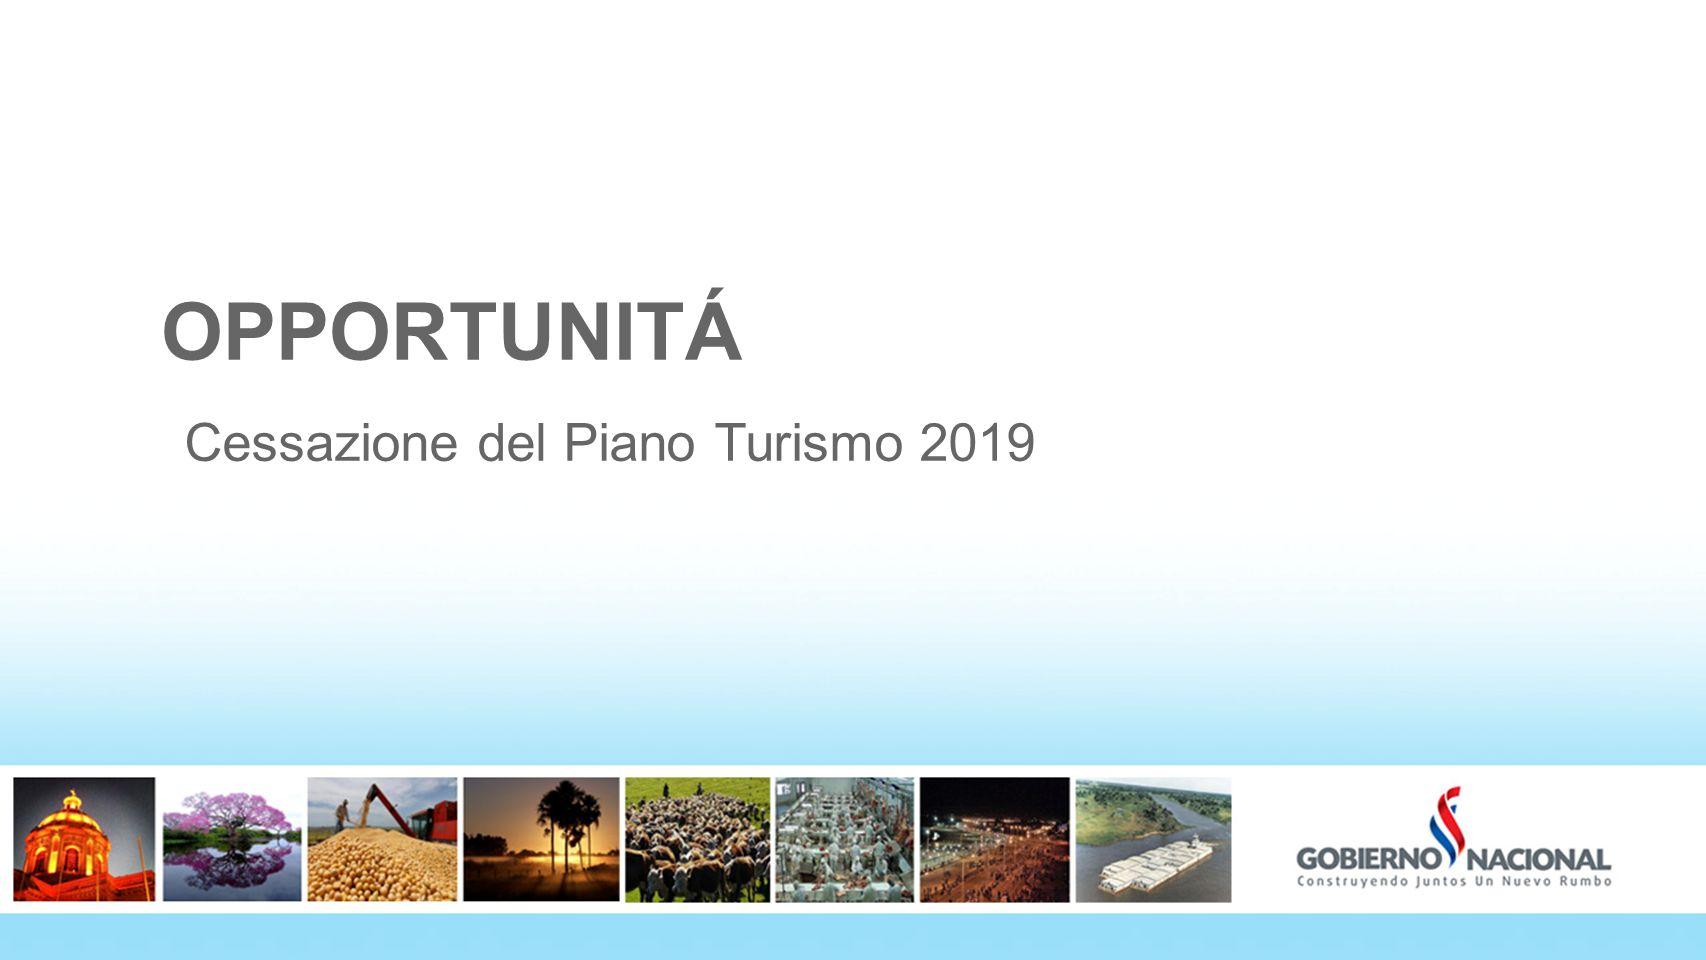 3636 OPPORTUNITÁ Cessazione del Piano Turismo 2019 36